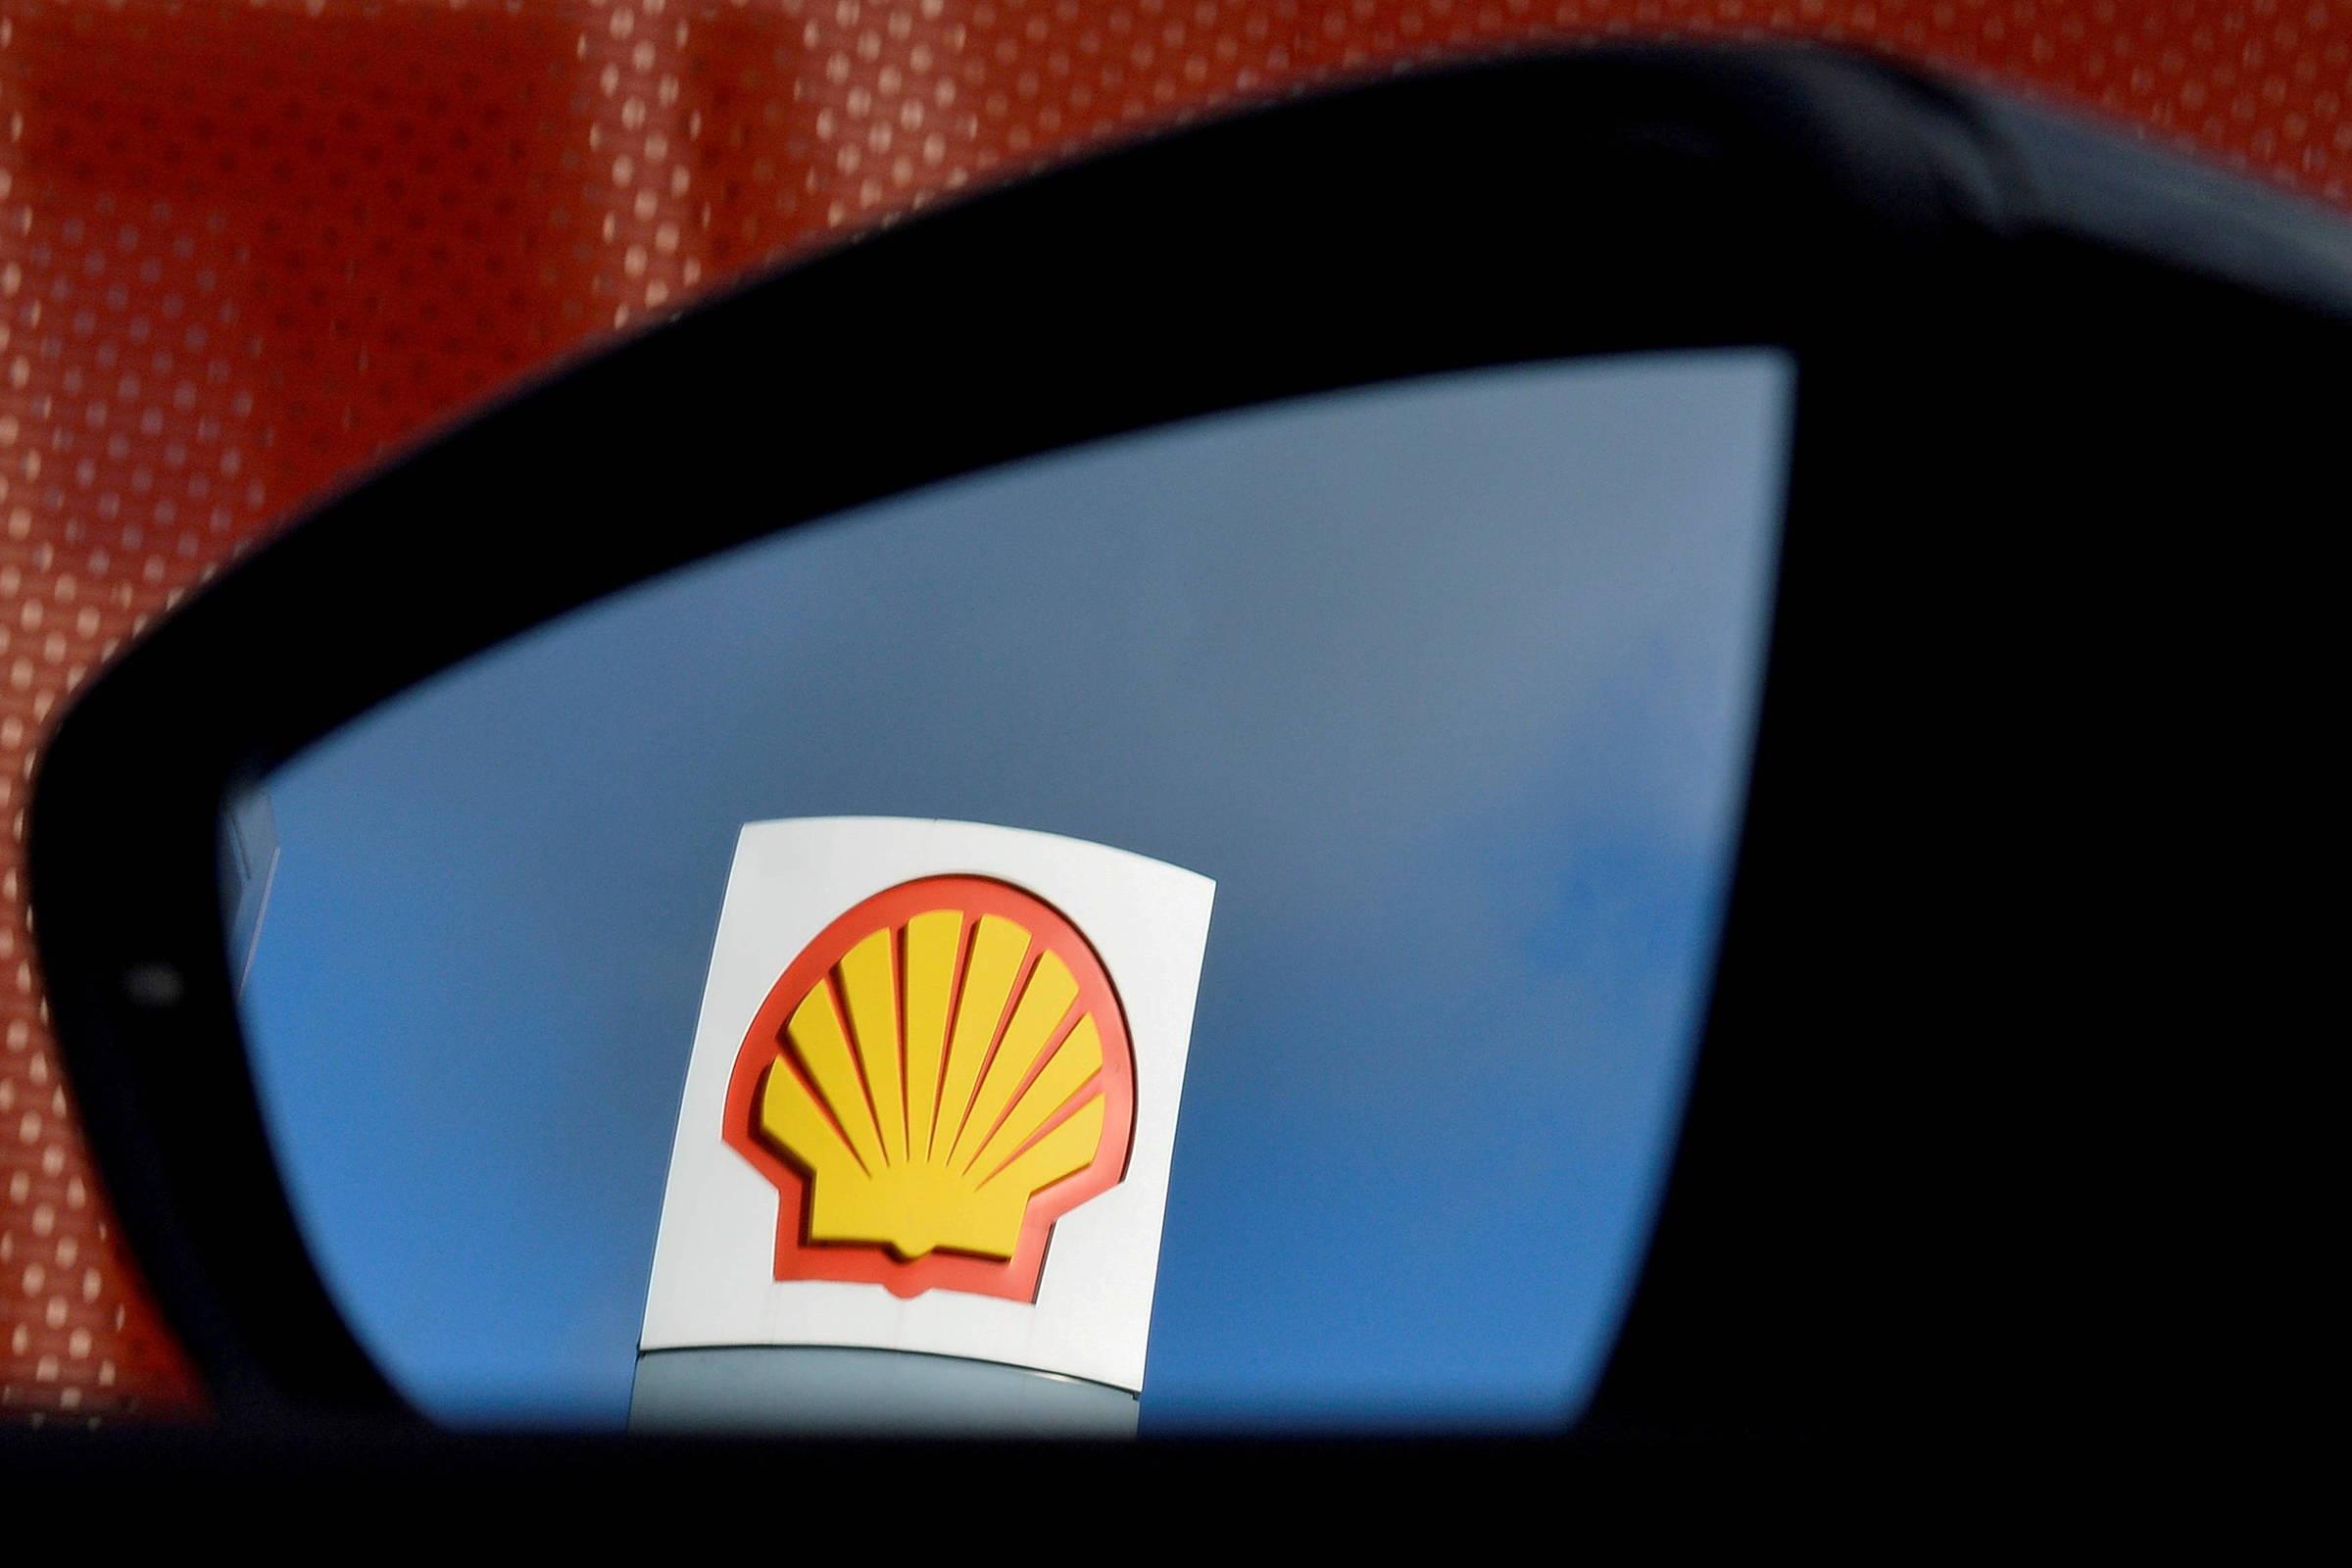 Petroleira Shell prevê R$ 3 bi em projetos focados em energia solar no Brasil